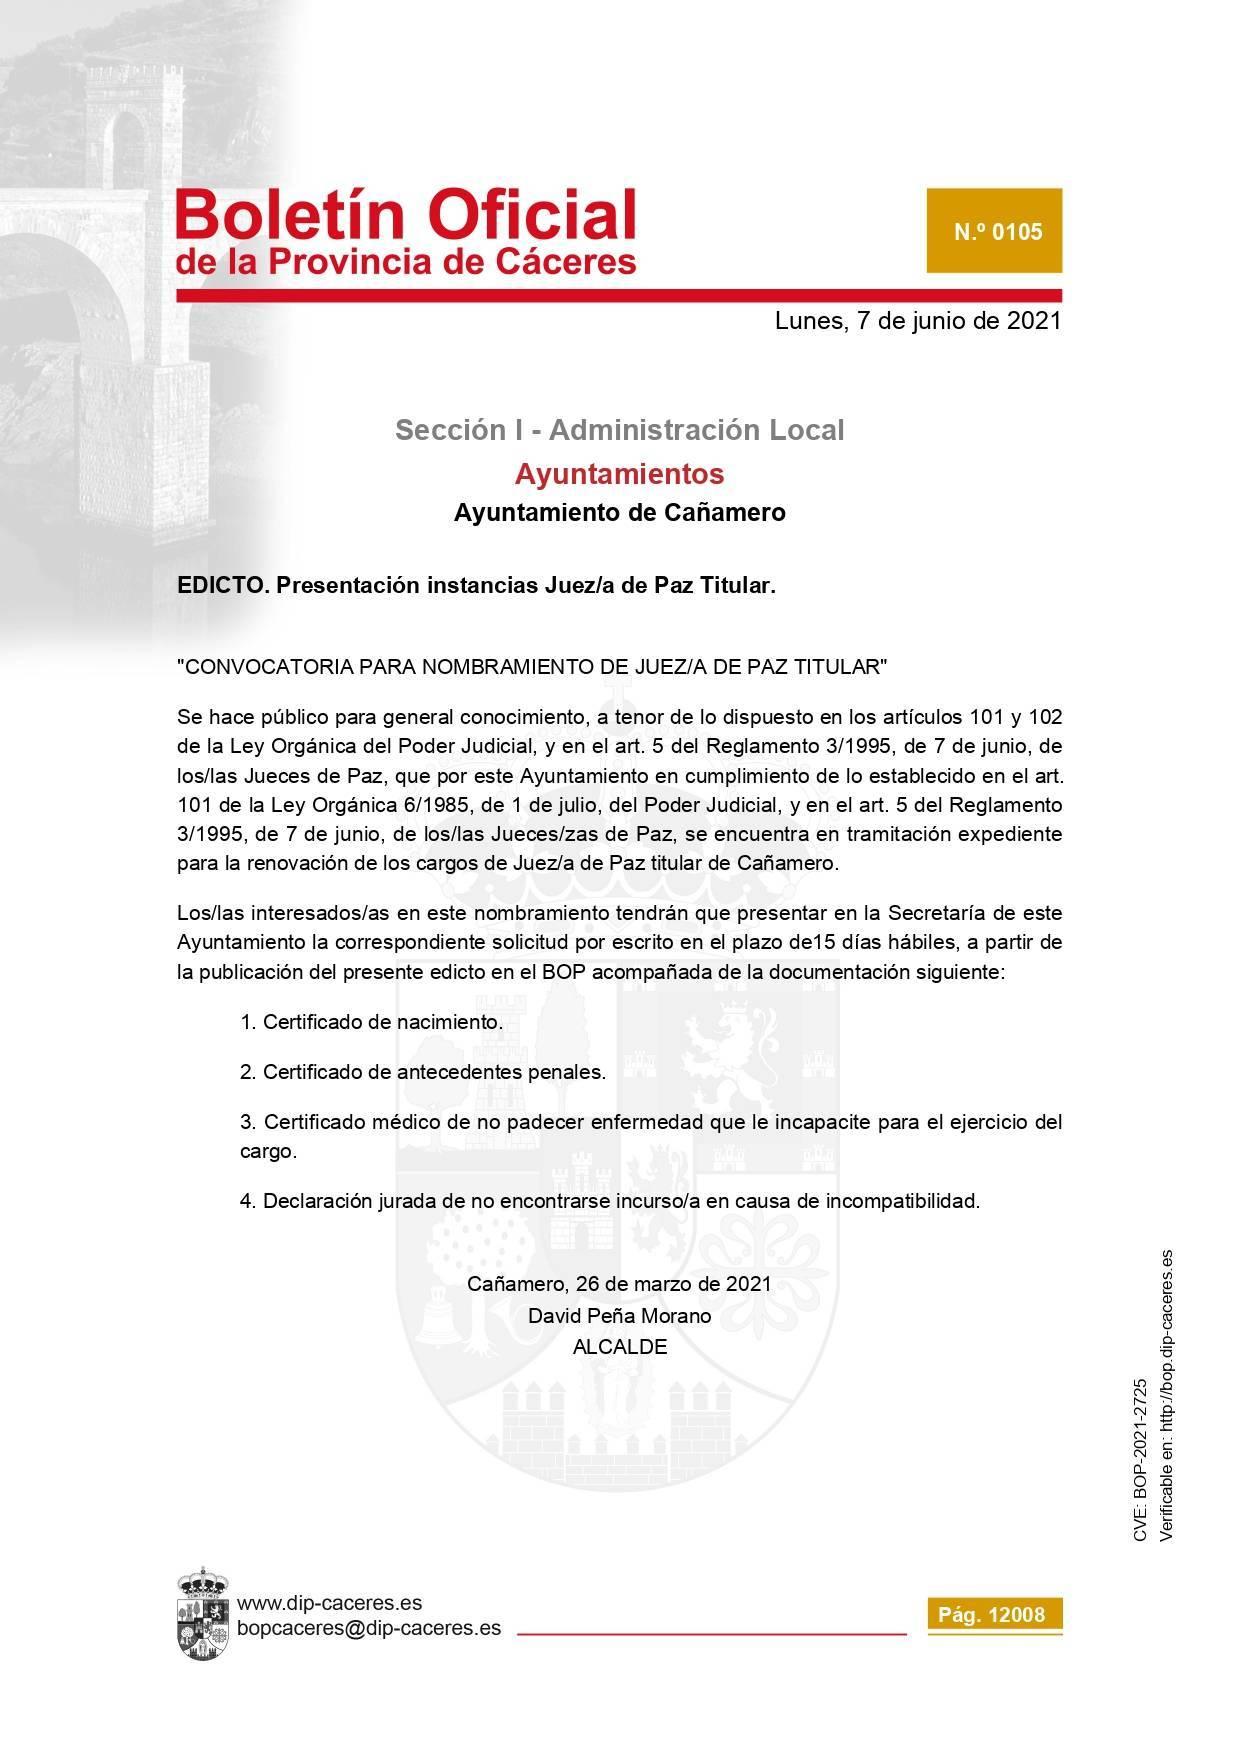 Juez-a de paz (2021) - Cañamero (Cáceres)